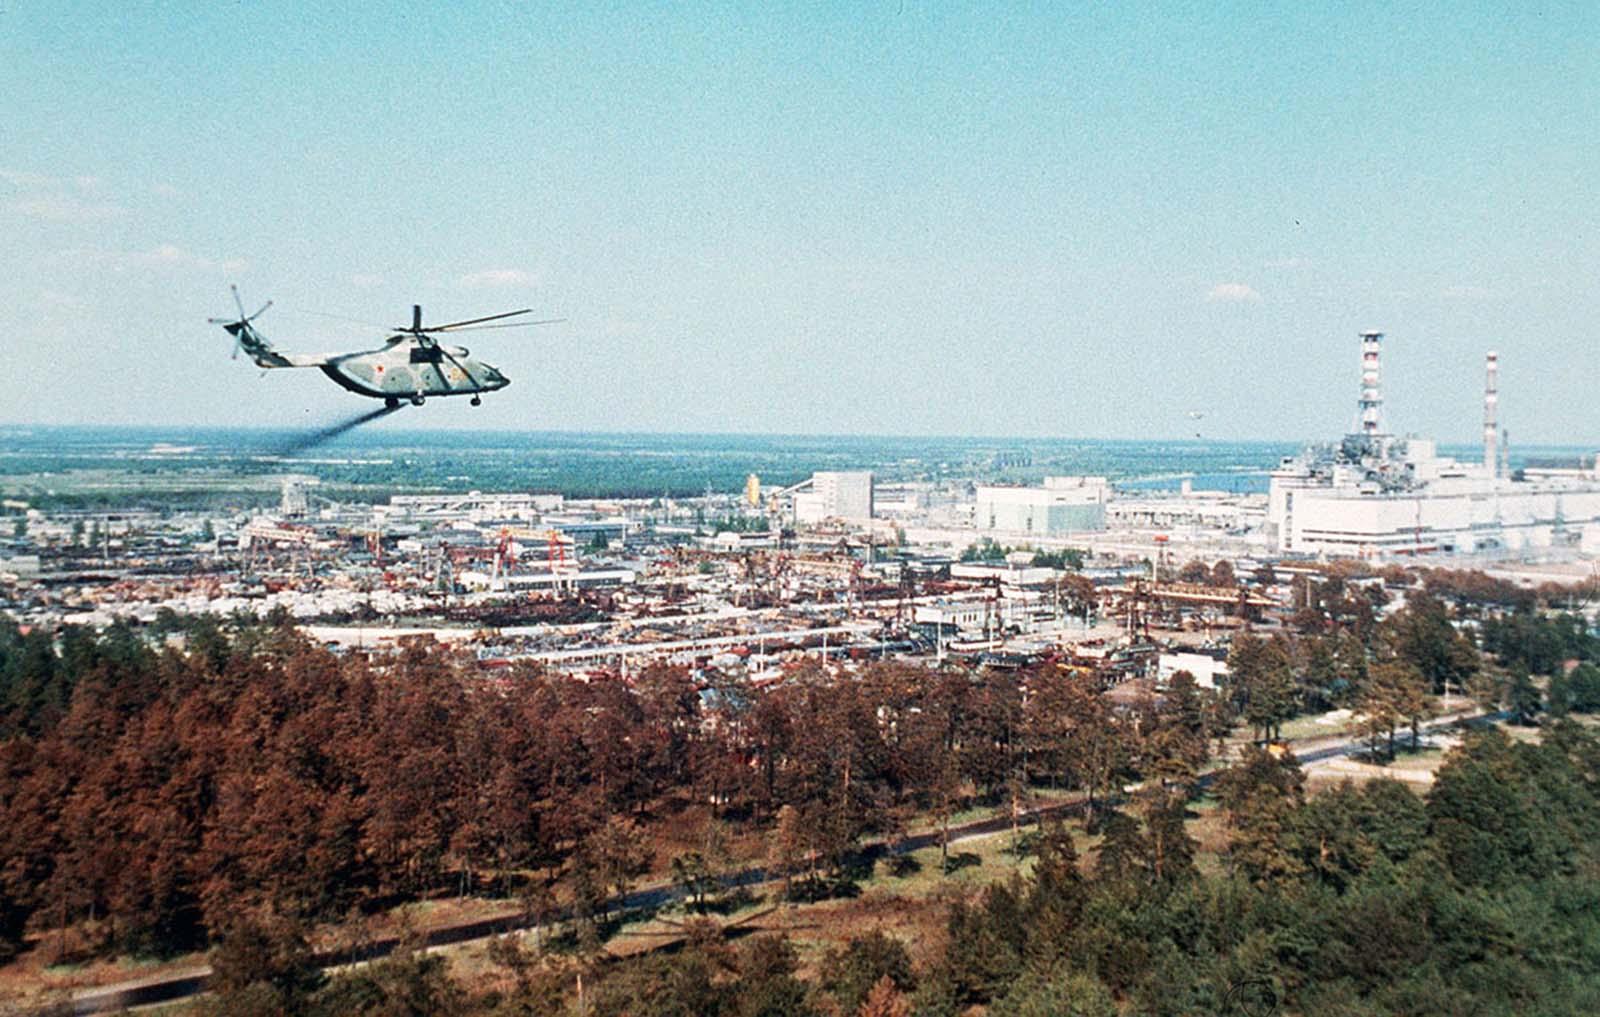 Un helicóptero militar propaga un fluido de descontaminación pegajoso que se supone reduce la propagación de partículas radiactivas alrededor de la planta nuclear de Chernobyl unos días después del desastre.